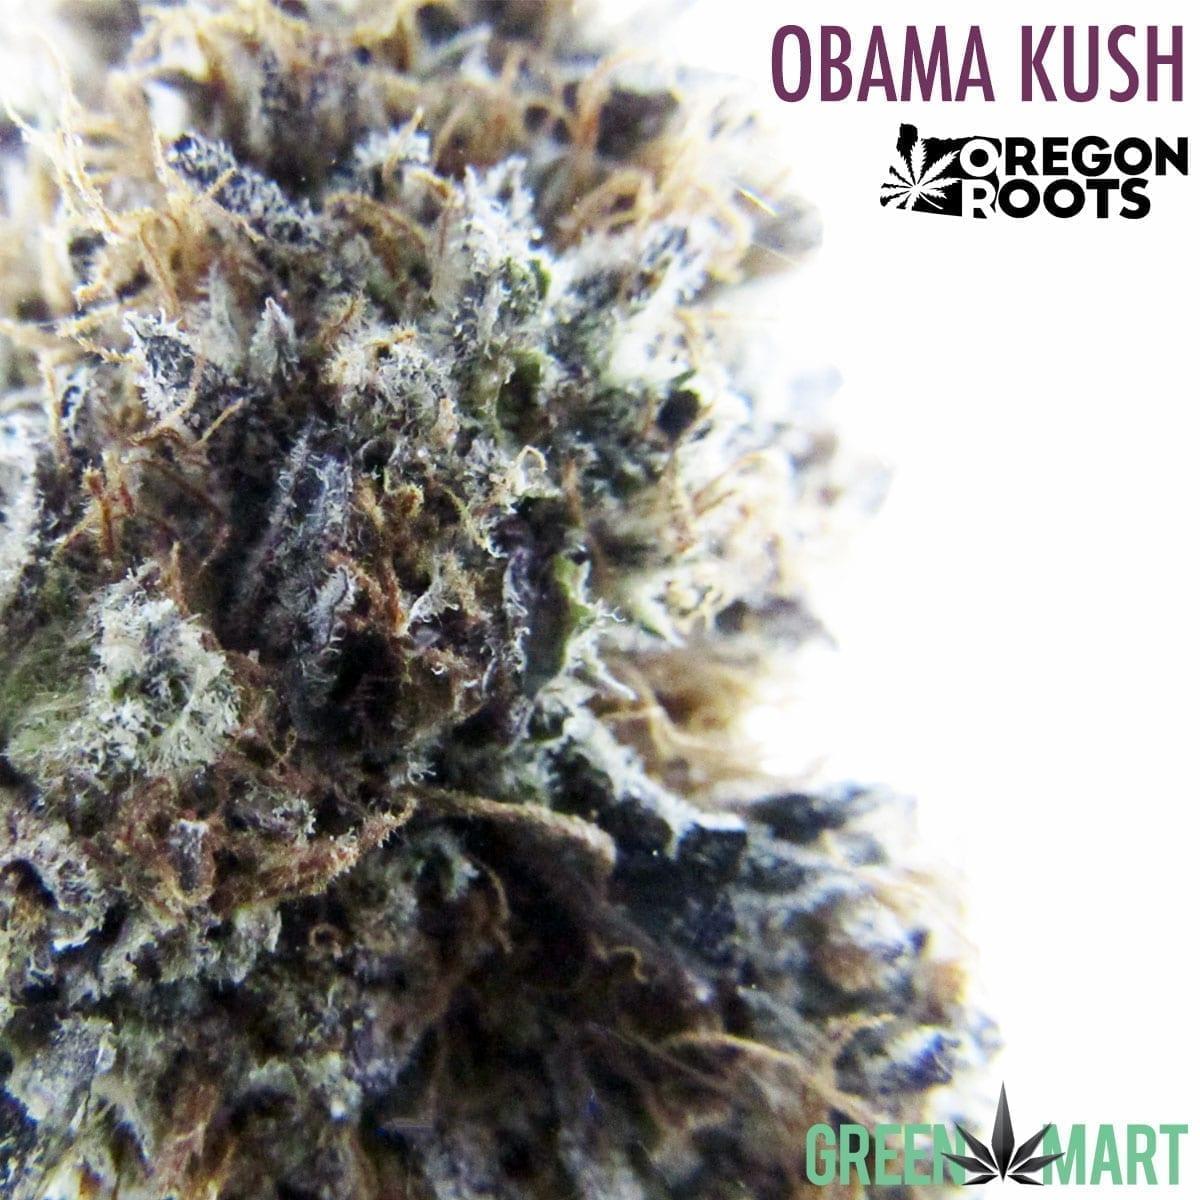 Obama Kush by Oregon Roots